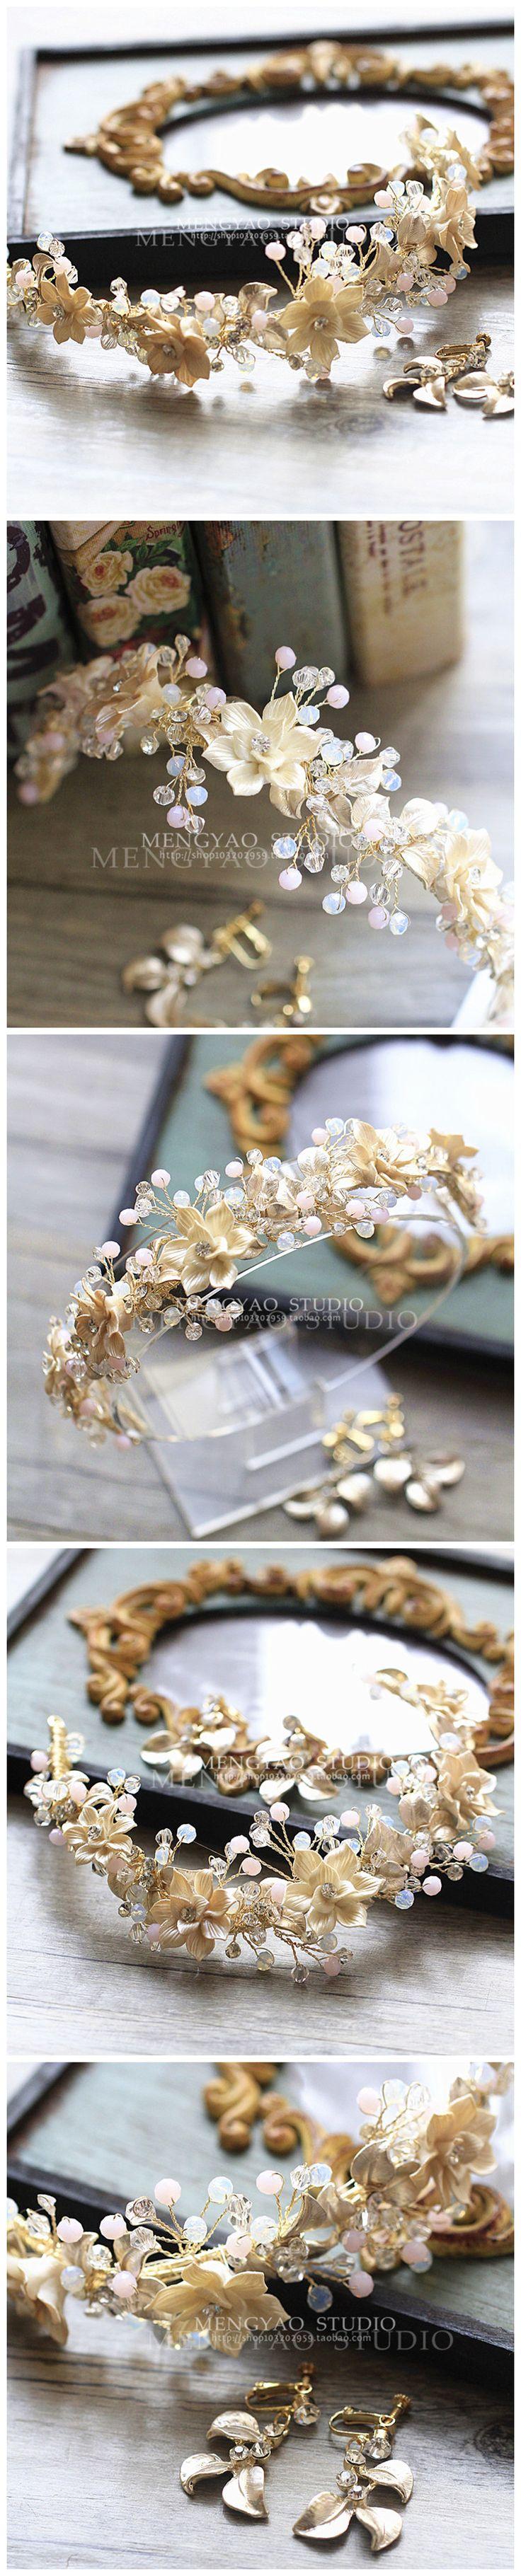 Фея красоты керамические ручной работы розовый Хрустальная корона свадебный головной убор ленты для волос корейских свадебные свадебное платье банкетные аксессуары - Taobao